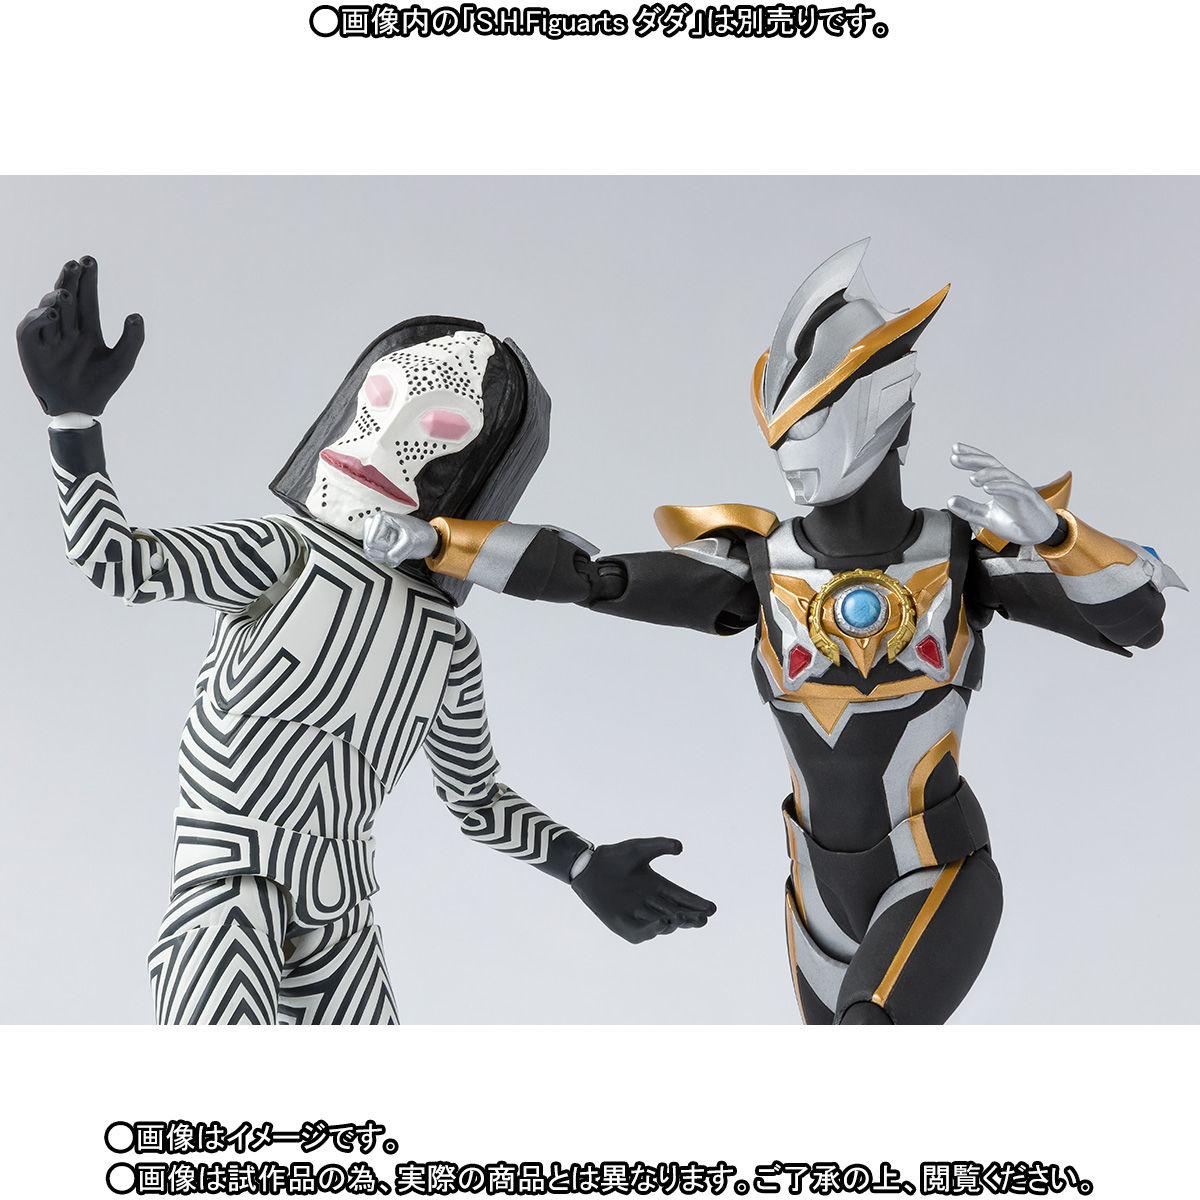 S.H.フィギュアーツ『ウルトラマンルーブ』ウルトラマンR/B 可動フィギュア-004